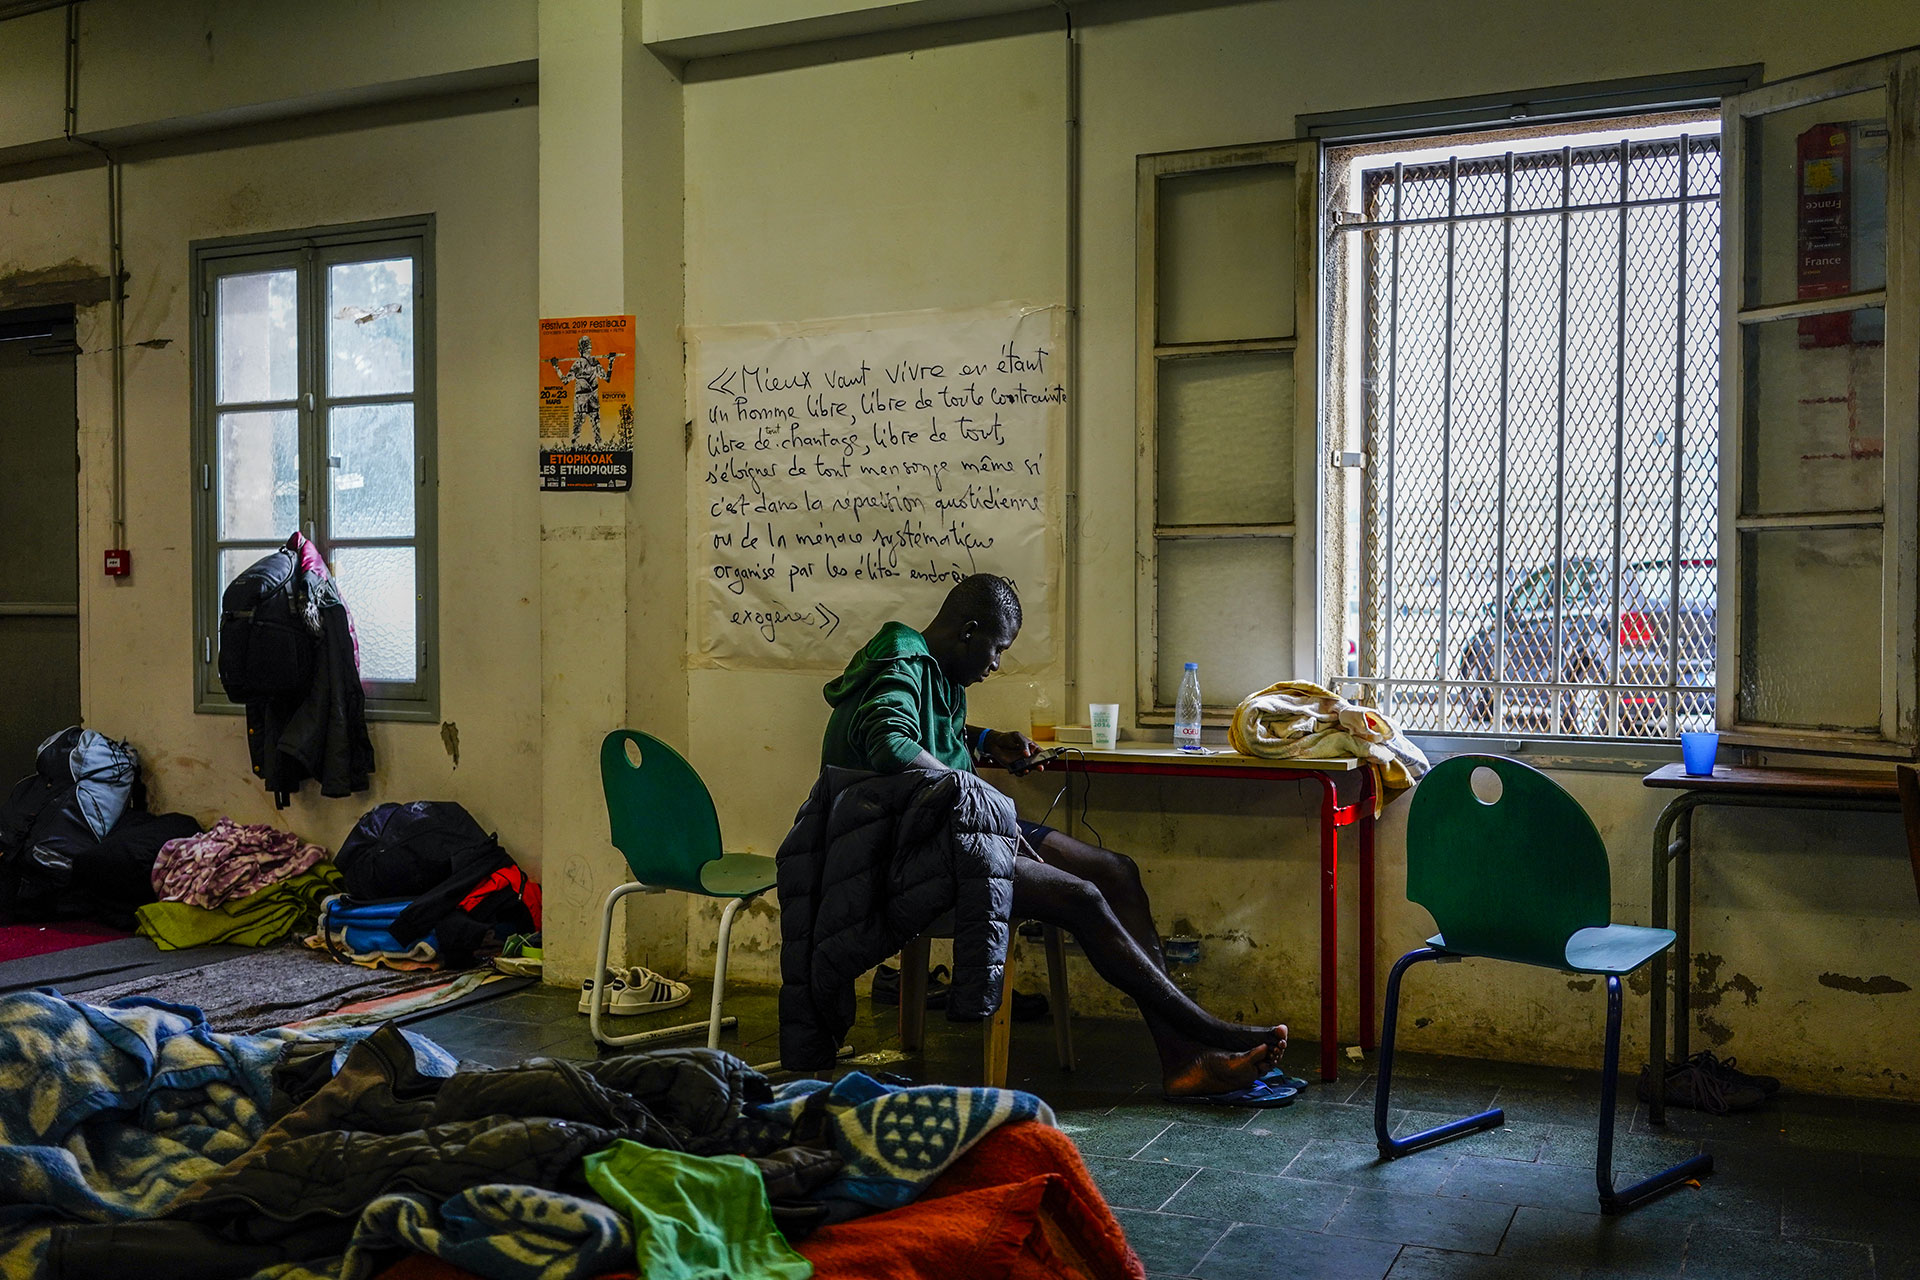 Un joven que ha cruzado la frontera desde España descansa en el centro de acogida de refugiados ¨La Pausa¨ en Bayona, 17 de Septiembre de 2019.